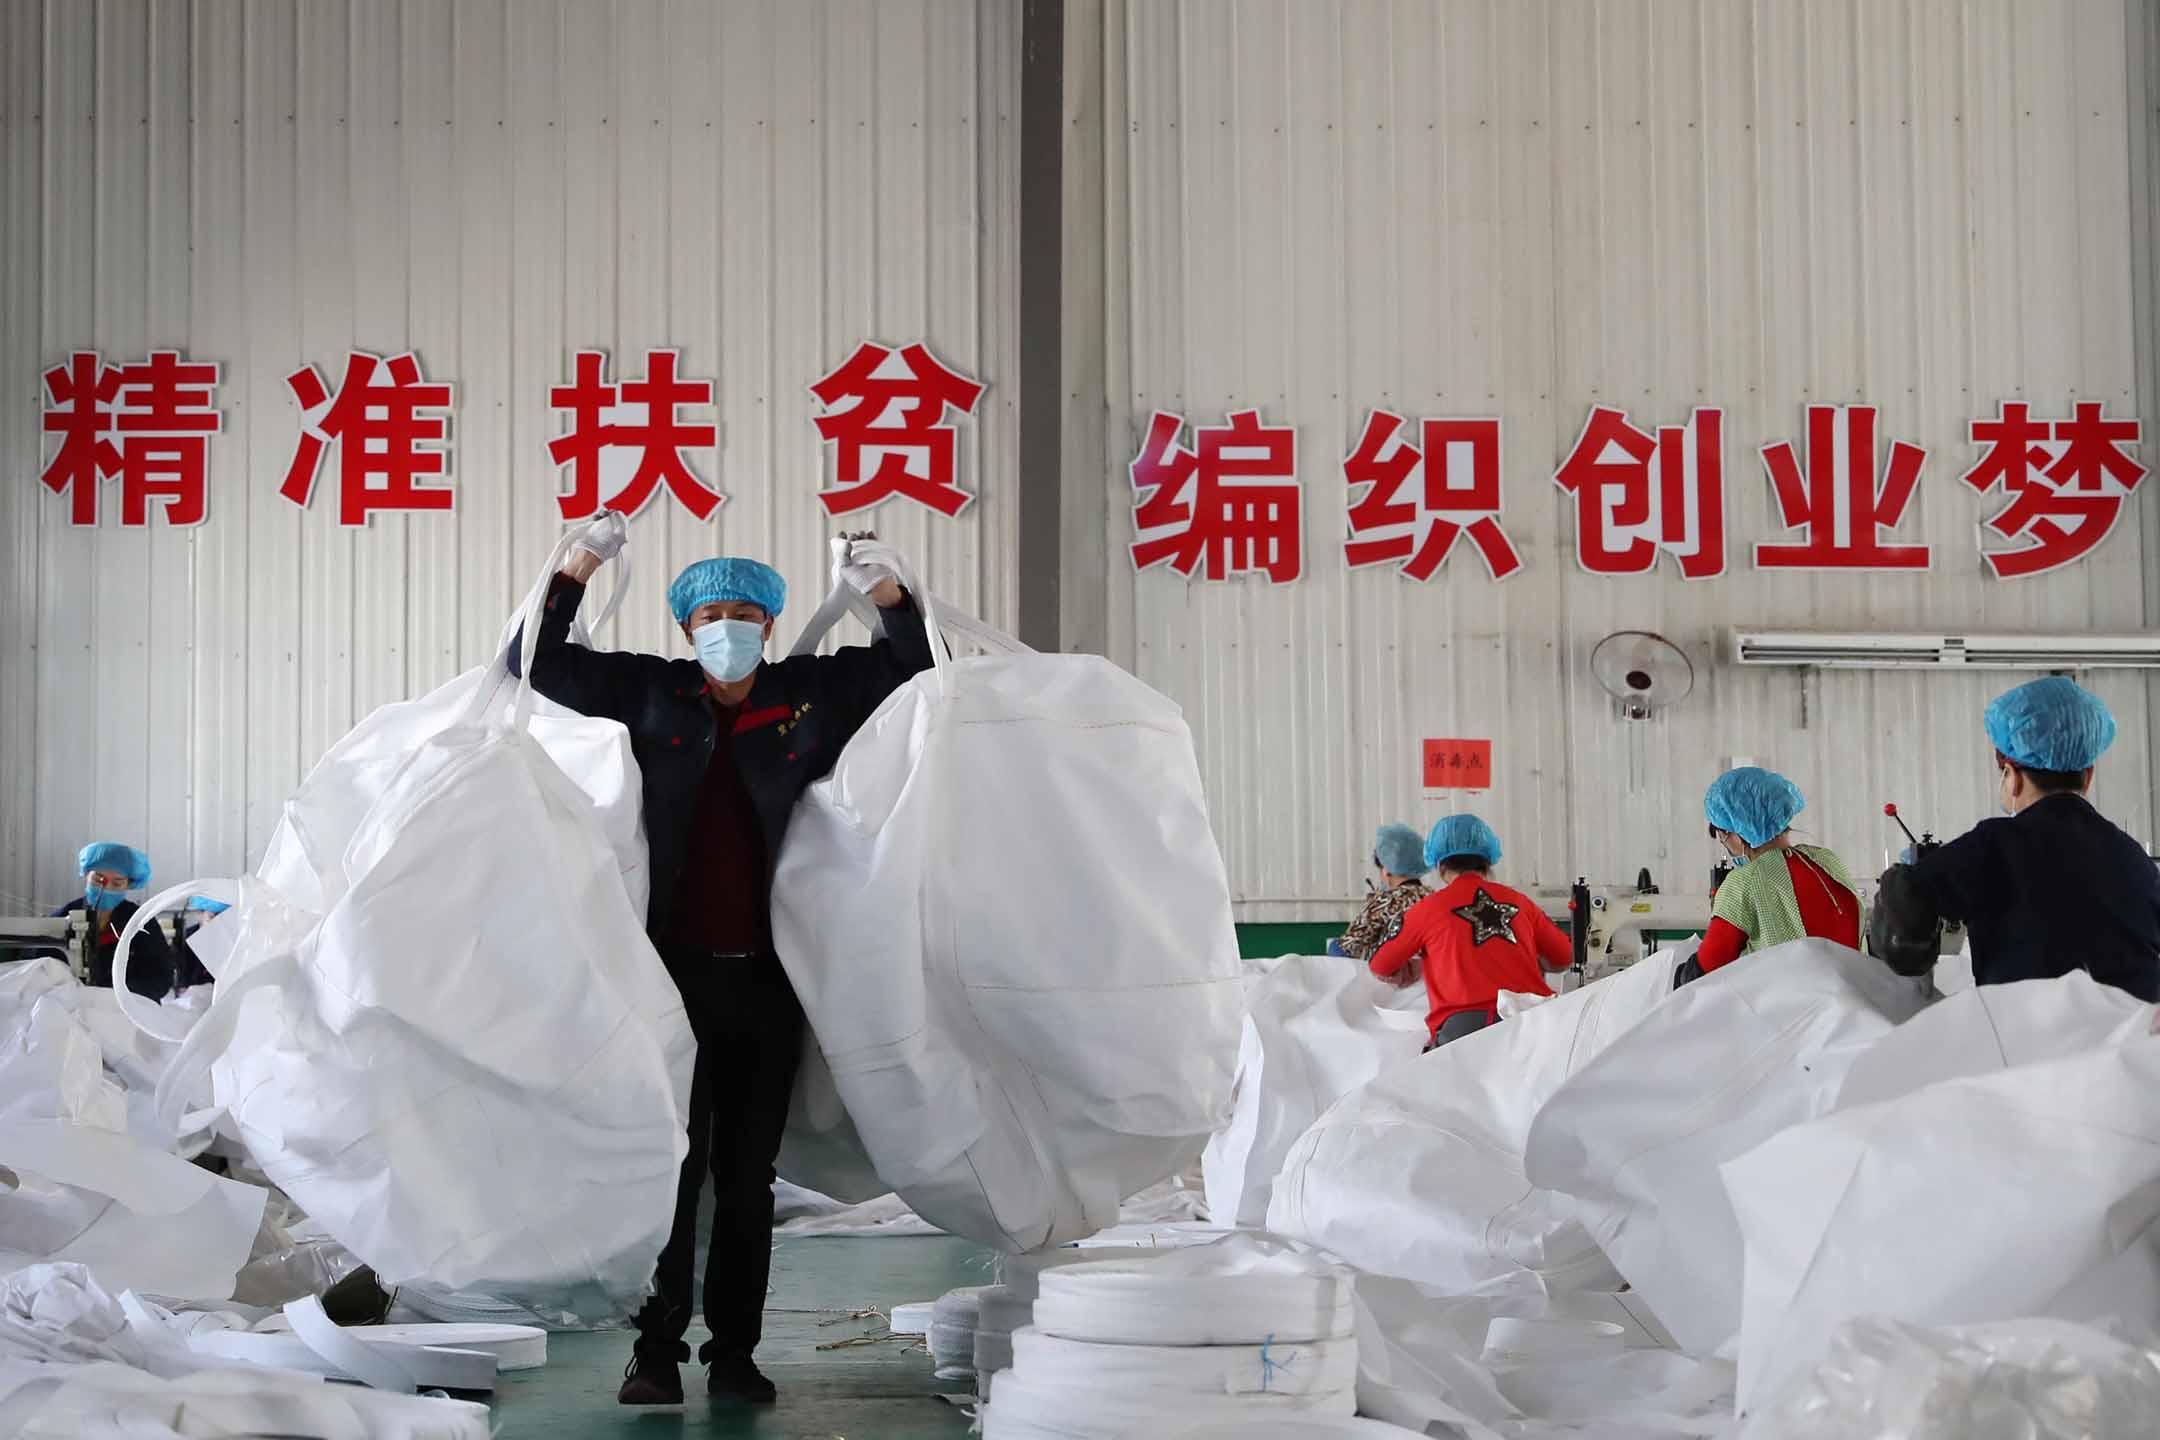 2020年8月29日中國寧夏回族自治區吳中市,一家從事扶貧的紡織廠的員工正生產袋子。